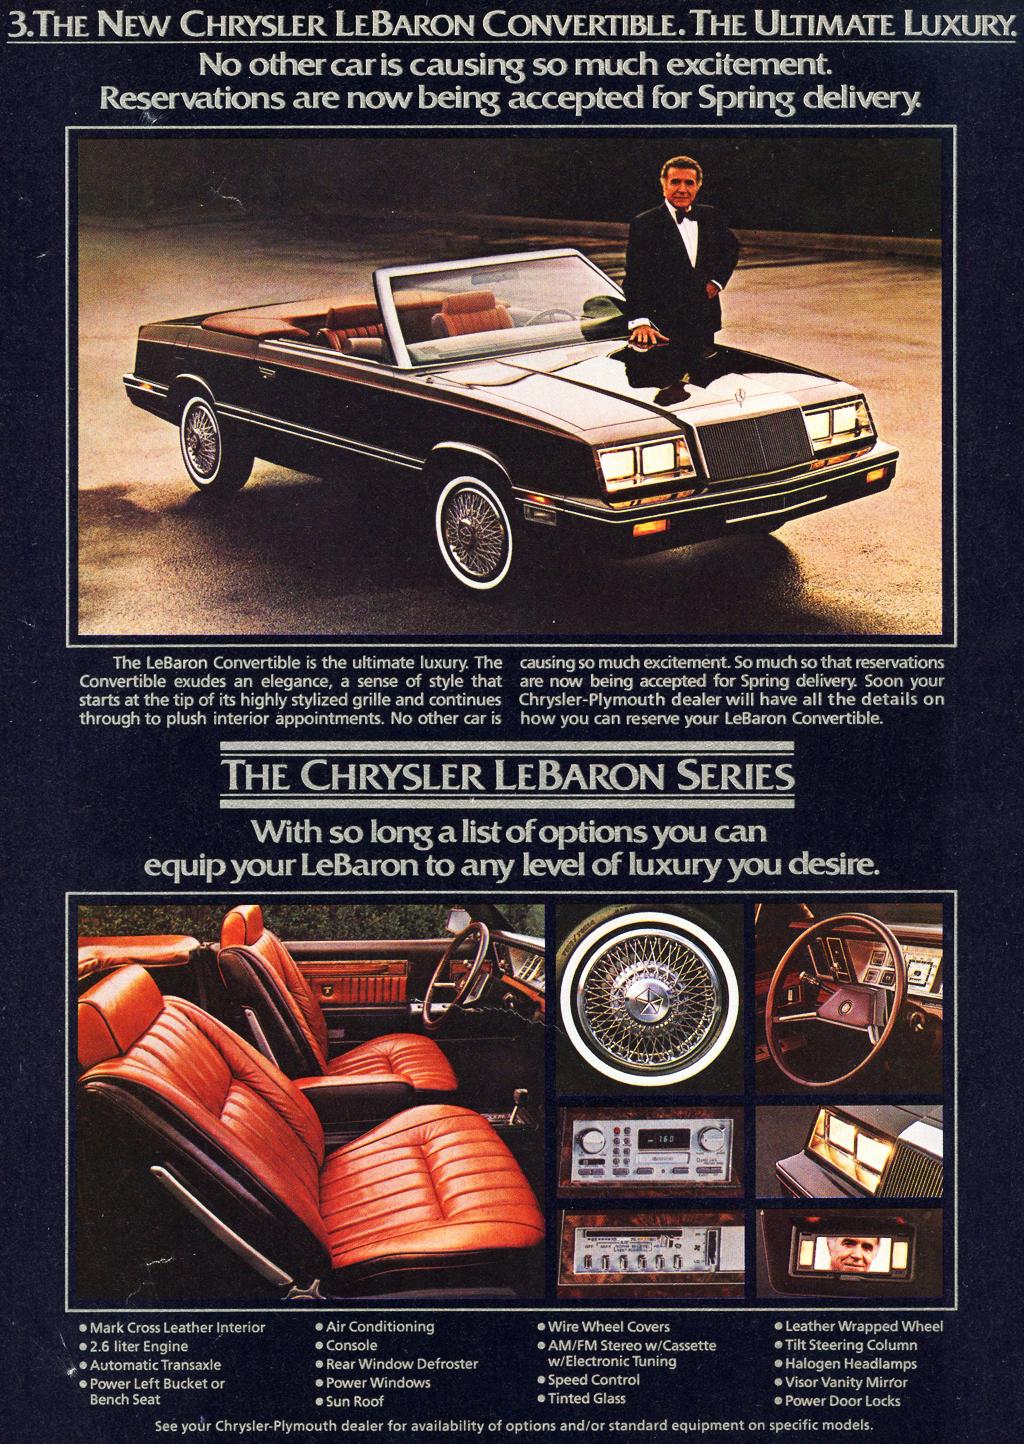 1982 Chrysler LeBaron convertible ad